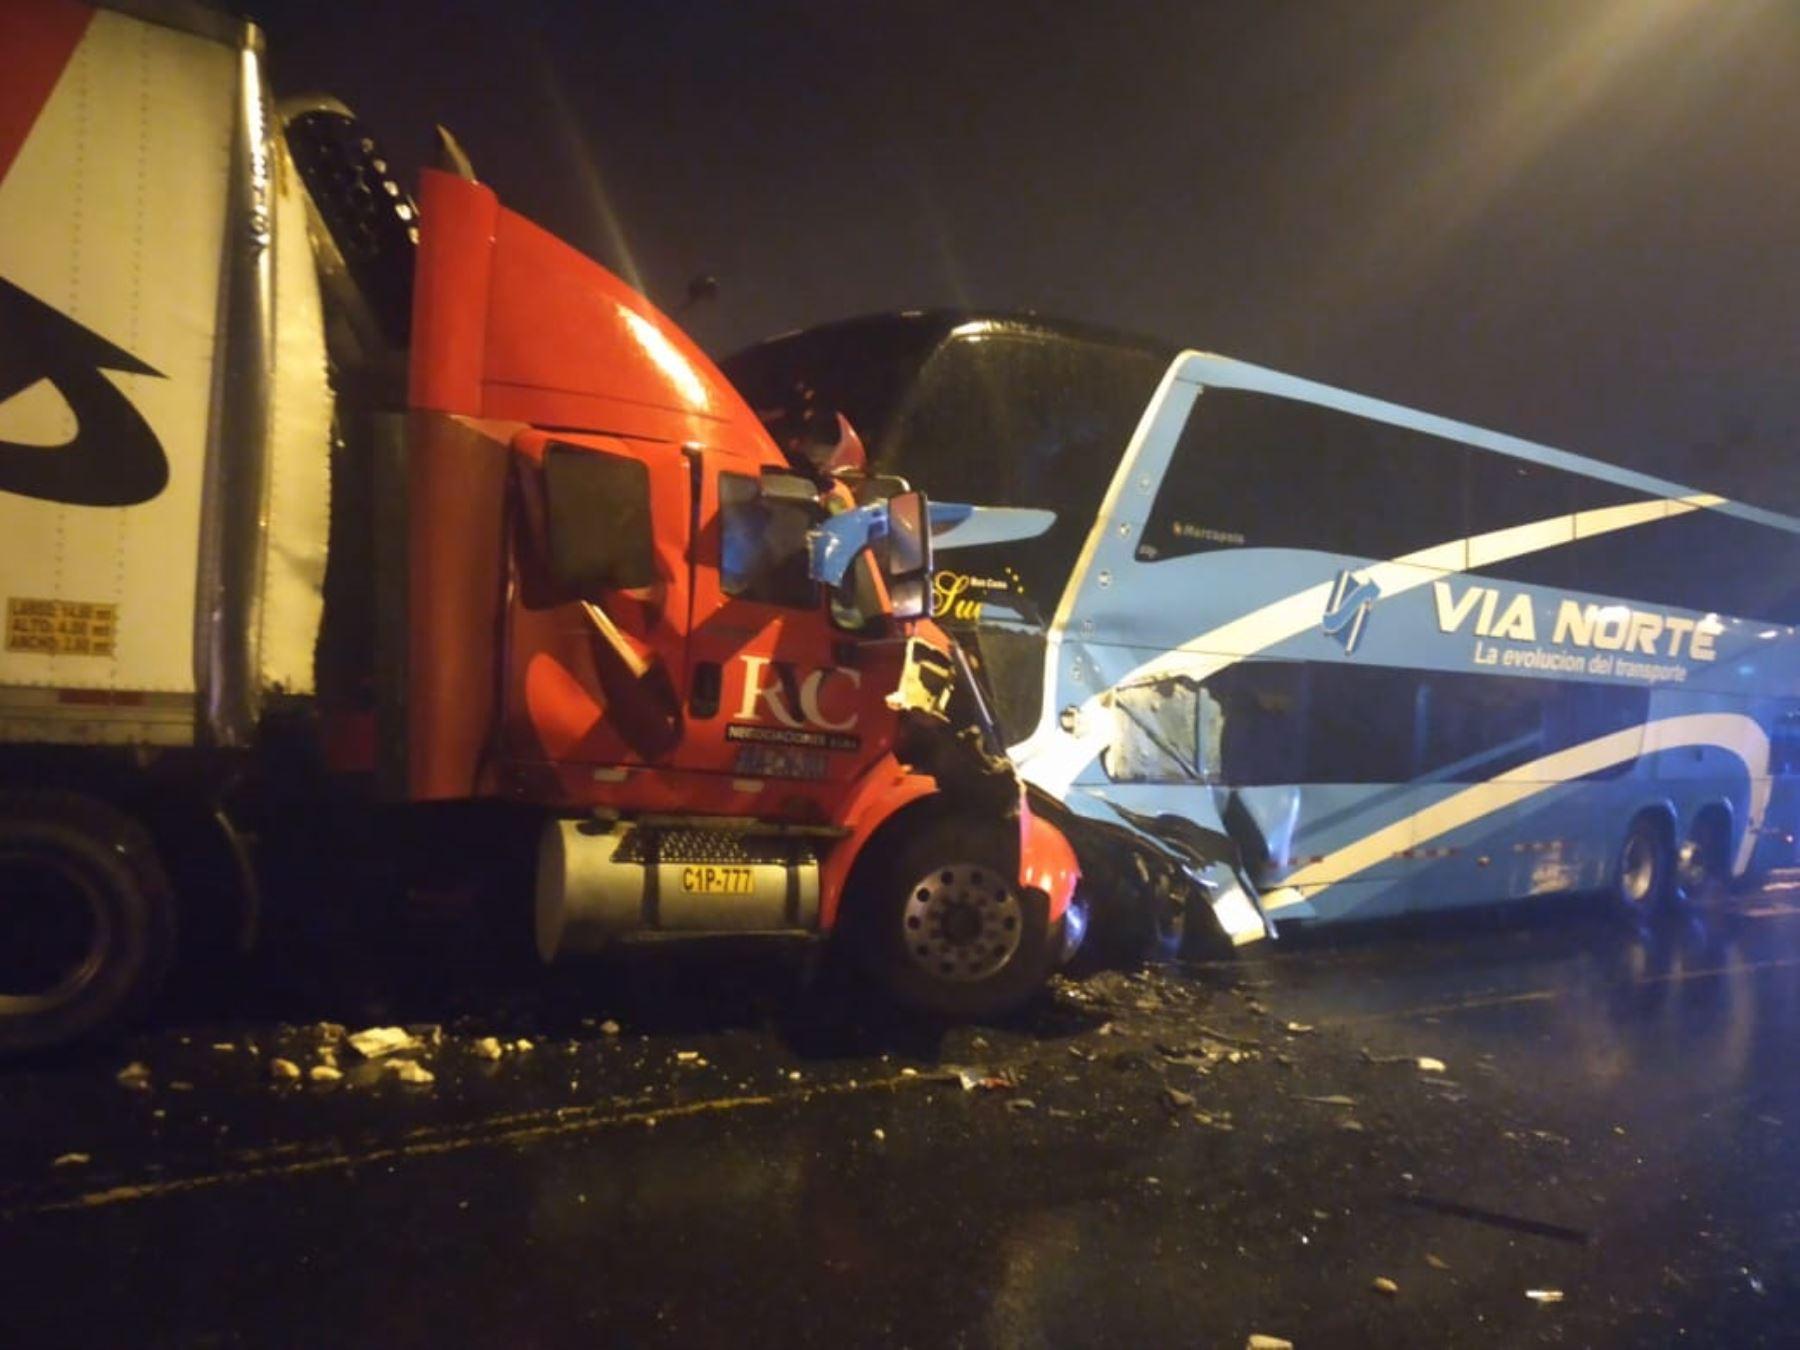 El choque frontal entre un ómnibus interprovincial y un camión tráiler dejó un fallecido y 12 heridos en la ciudad de Chimbote, en Áncash.